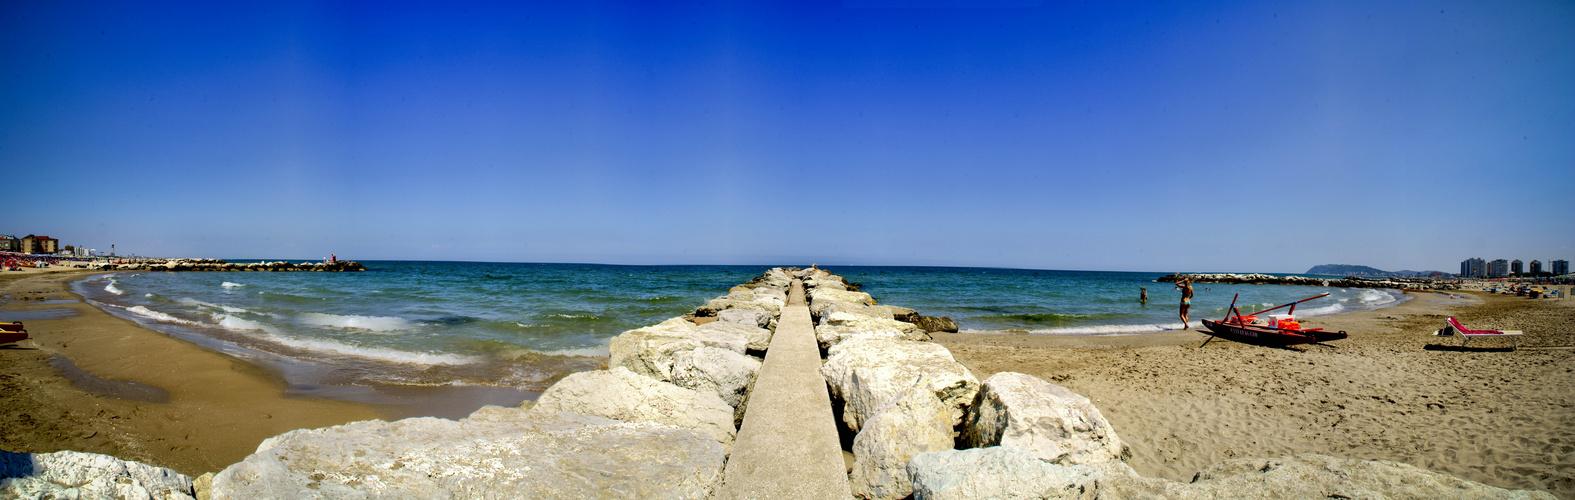 Panorama Strand Misano Adriatico